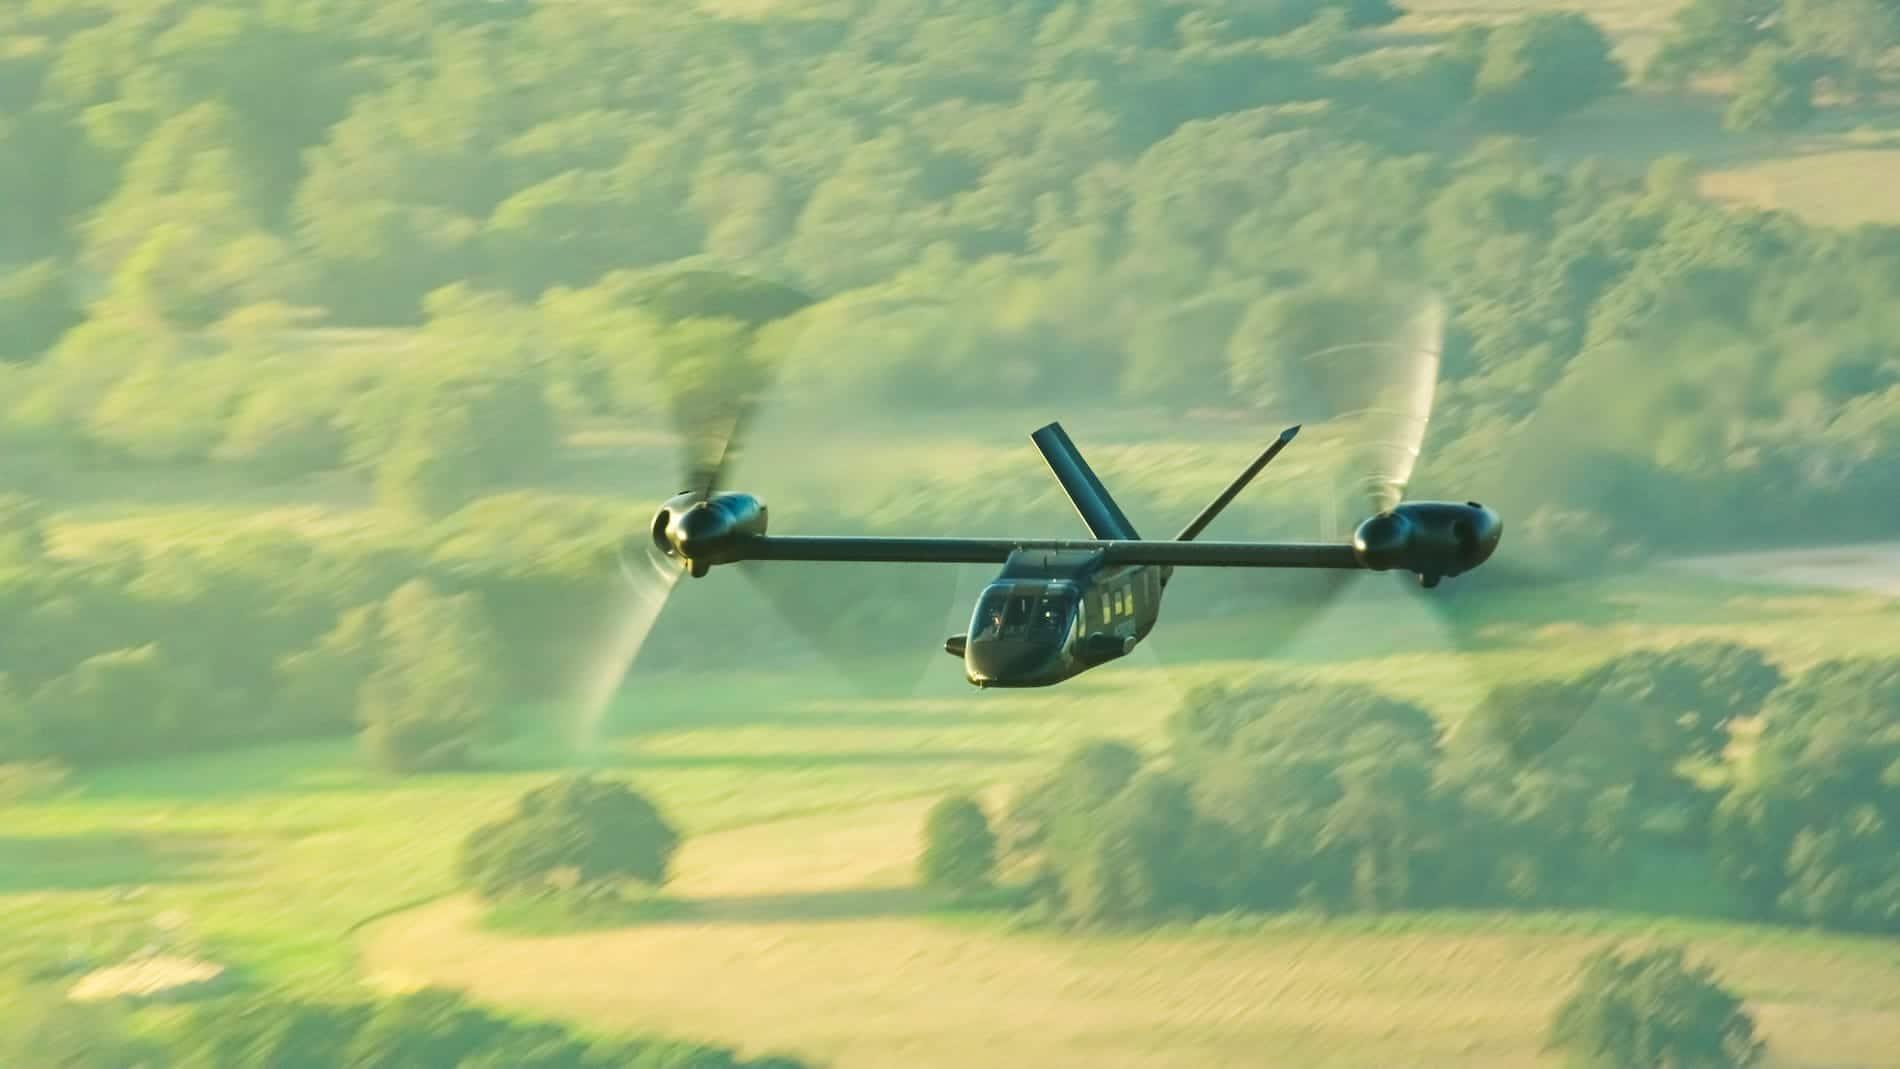 Images du V-280 Air to Air prises par la vidéo 07 8K